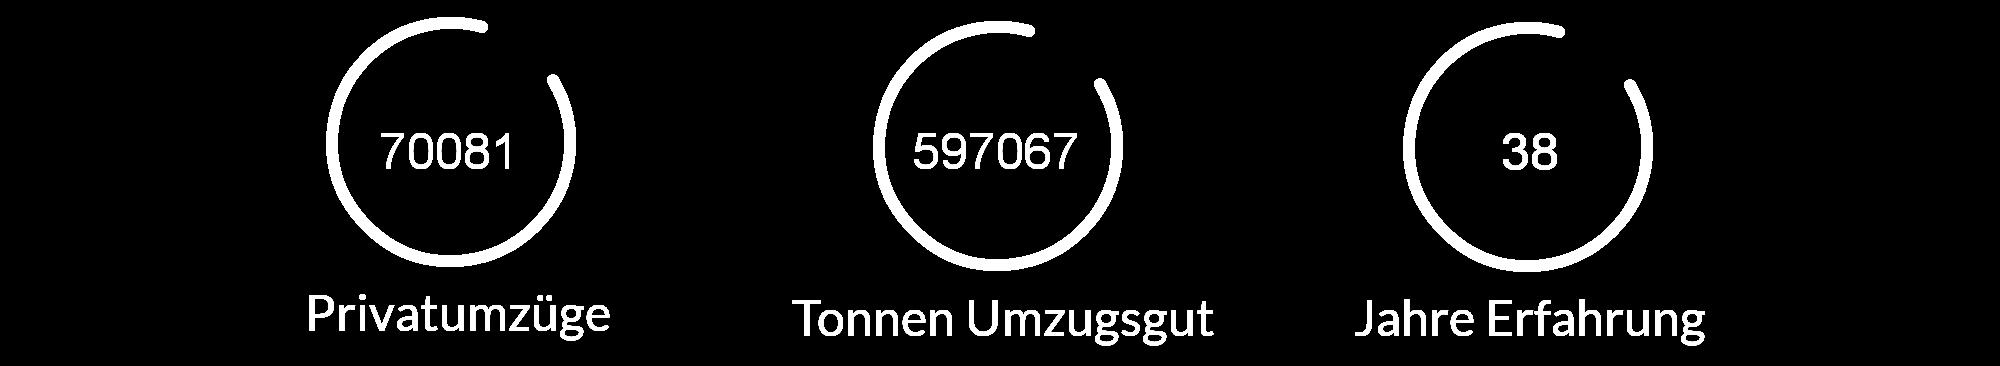 zügelfirma schaffhausen umzüge umzugsfirma